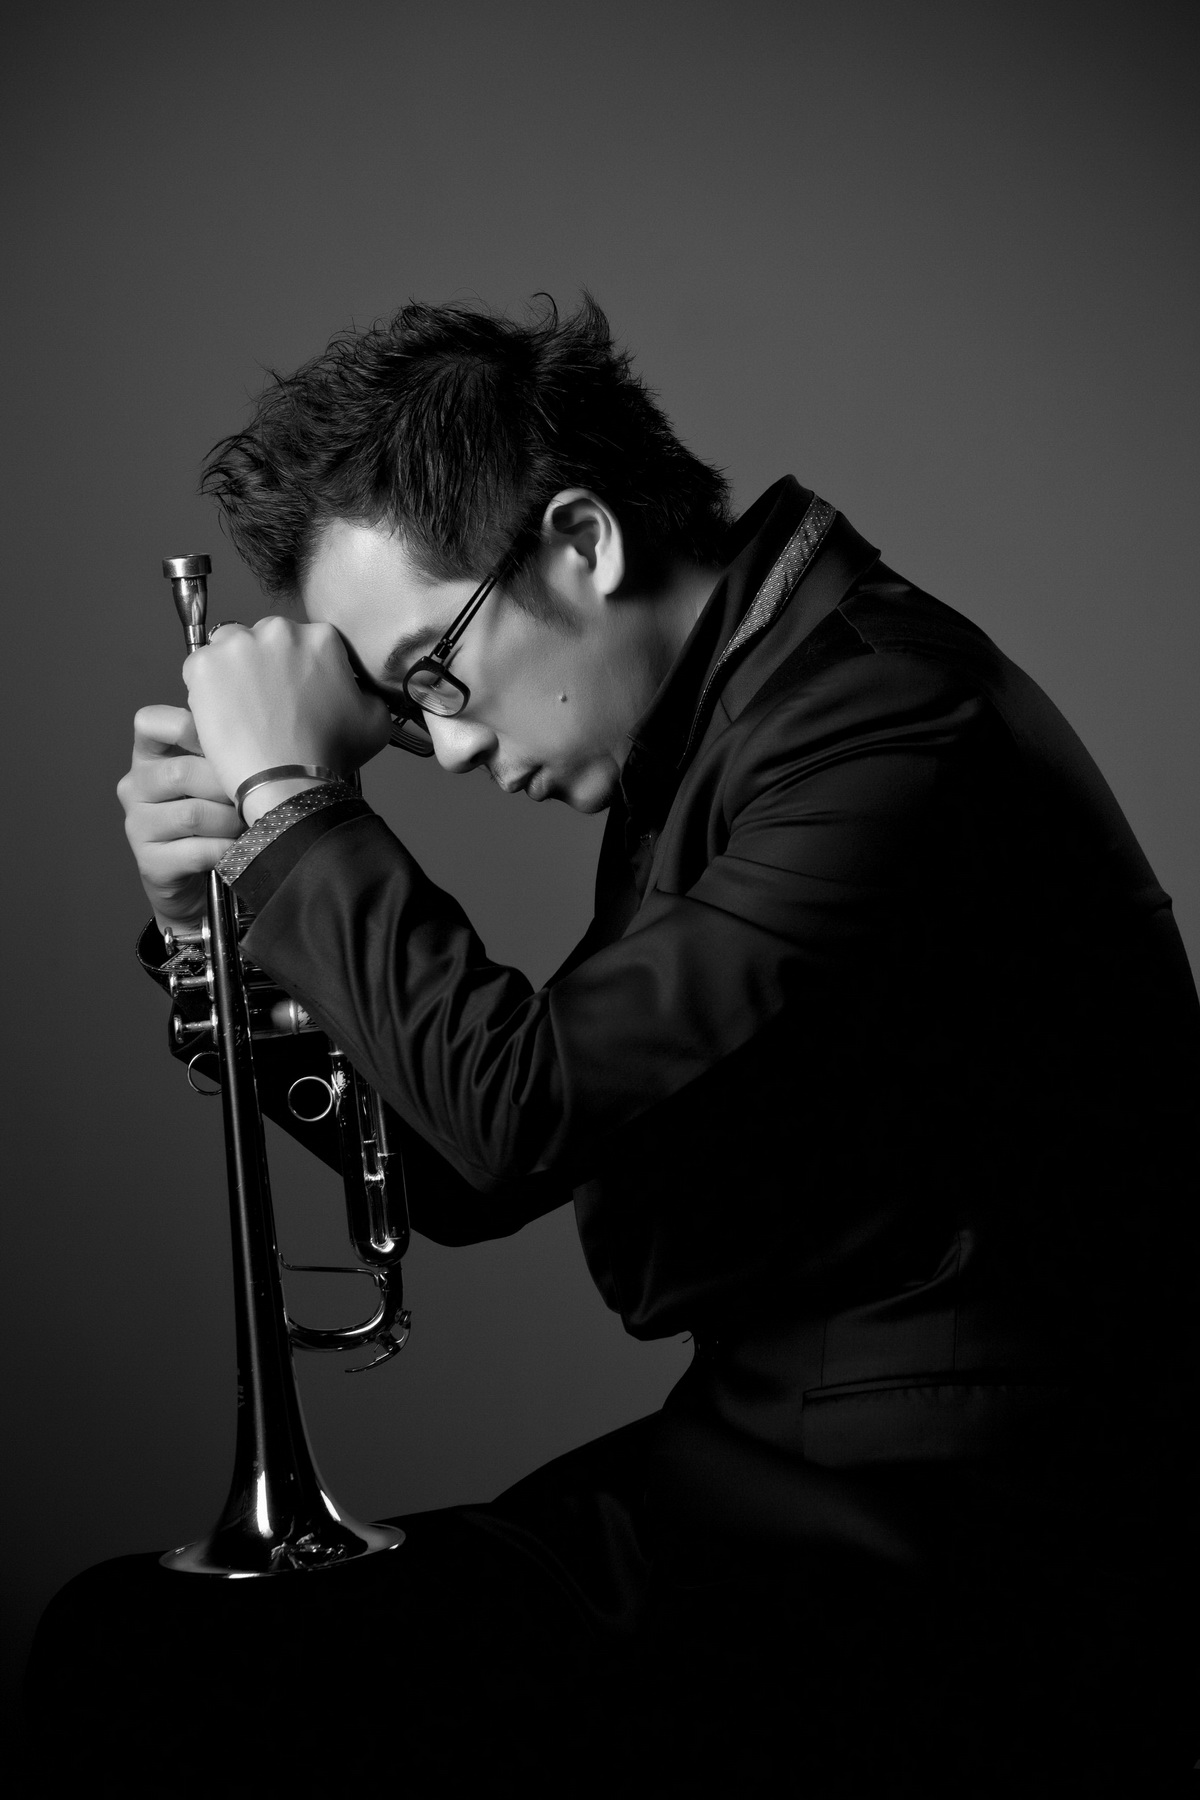 國立東華大學音樂系助理教授及藝術中心主任魏廣晧,為台灣第一位獲得爵士小號演奏碩士之爵士音樂家.jpg